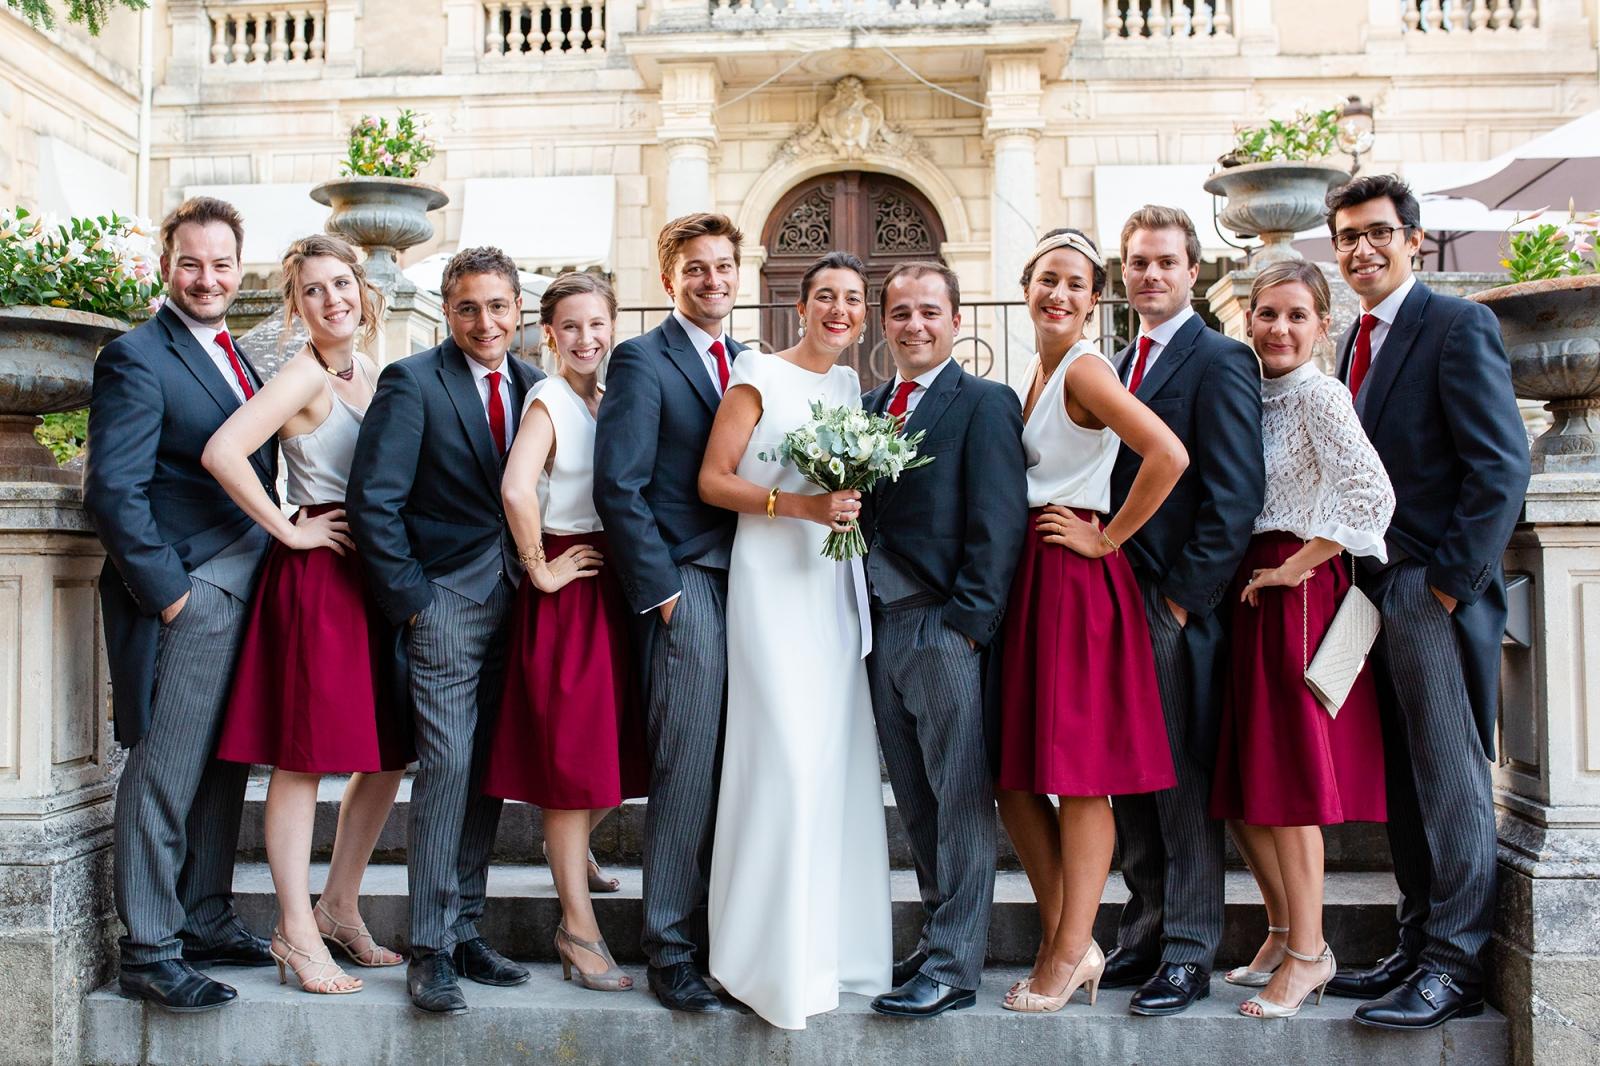 Mariage au Chateau des trois fontaines, Pernes les fontaines